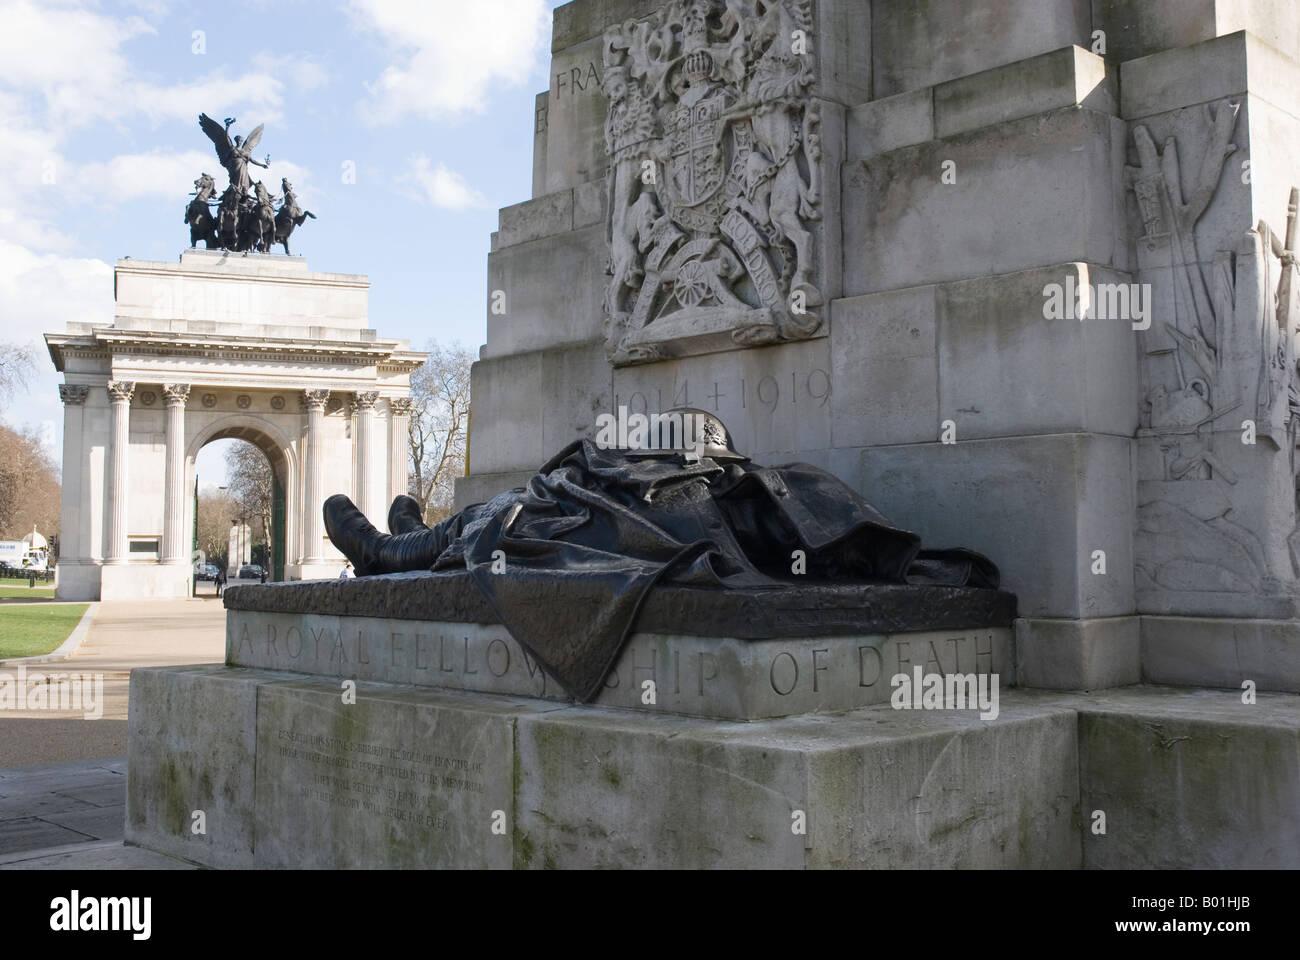 Real Hermandad de la Muerte, parte de la Artillería Real Memorial, con el Wellington Arch en el fondo. Imagen De Stock